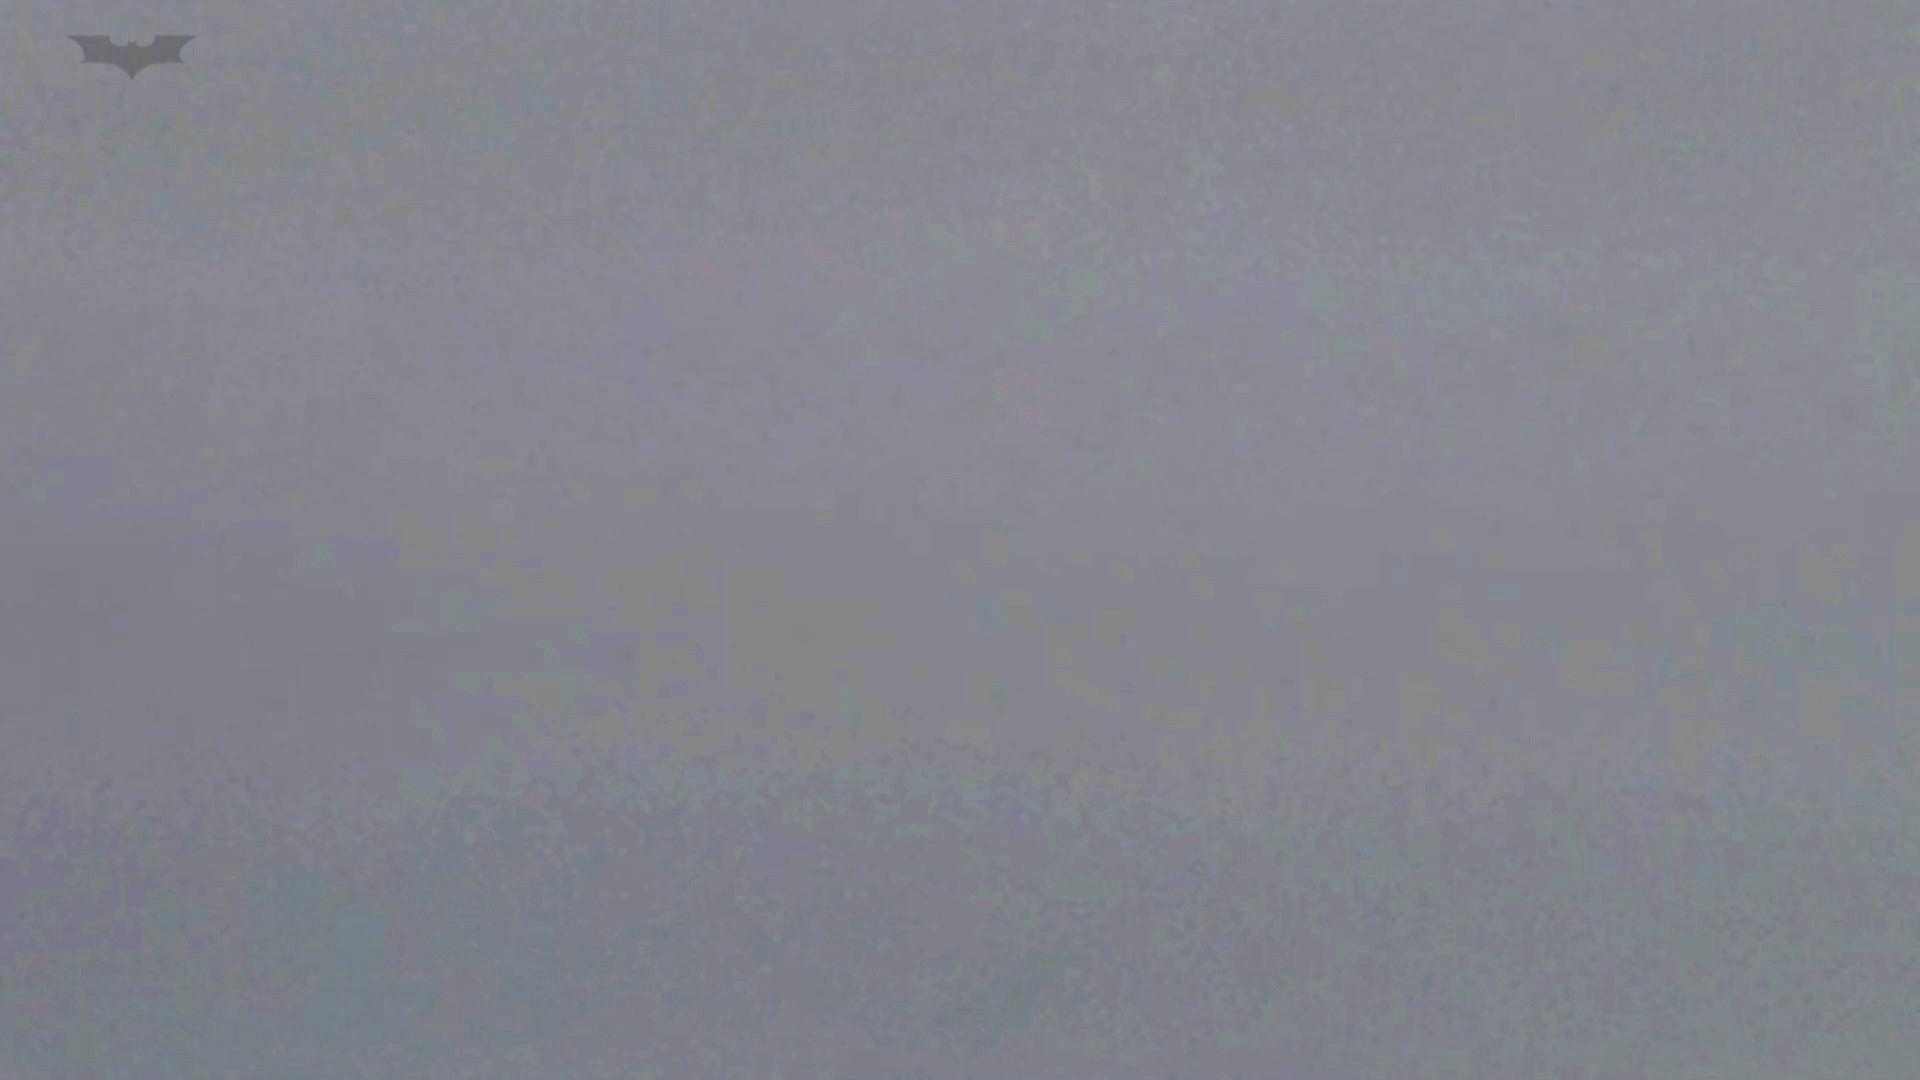 ▲復活限定▲マンコ丸見え!花火大会潜入撮 Vol.03浴衣じゃないケド・・・。 浴衣ギャル 隠し撮りすけべAV動画紹介 69pic 29